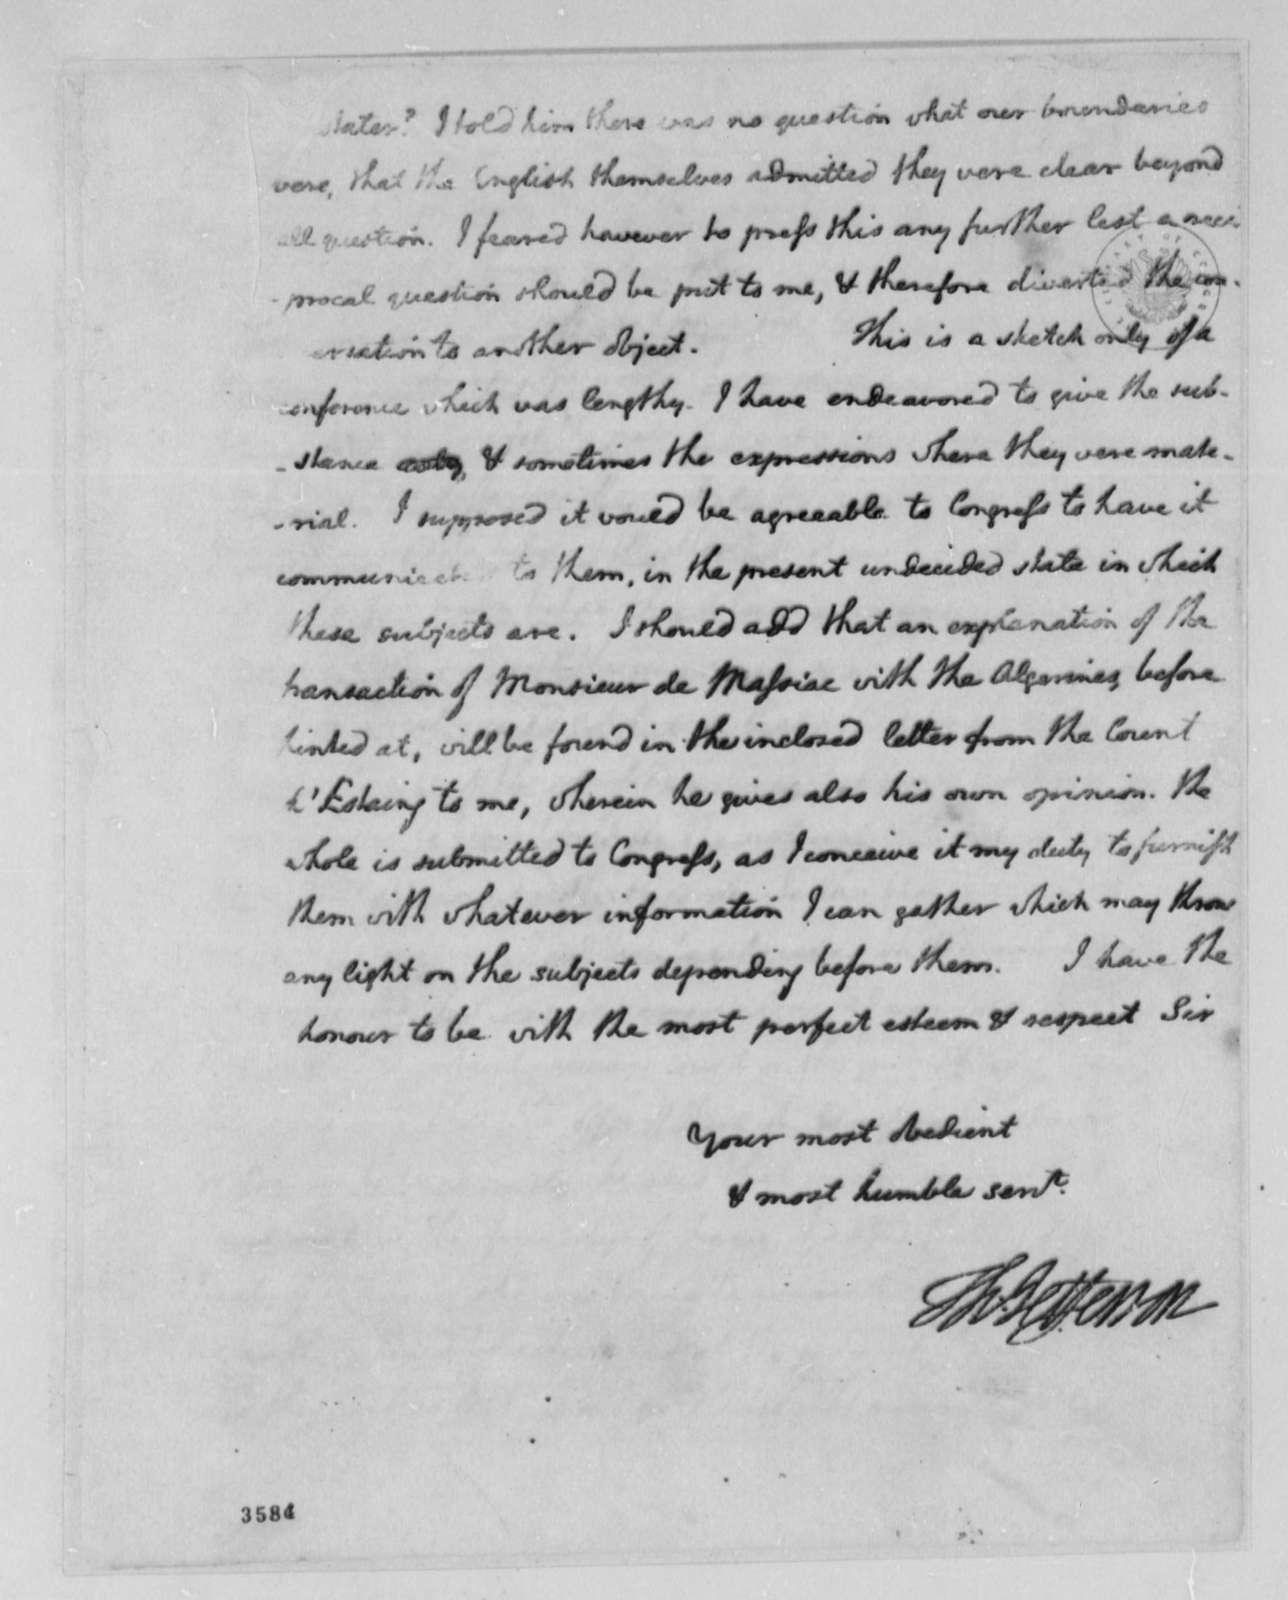 Thomas Jefferson to John Jay, May 23, 1786